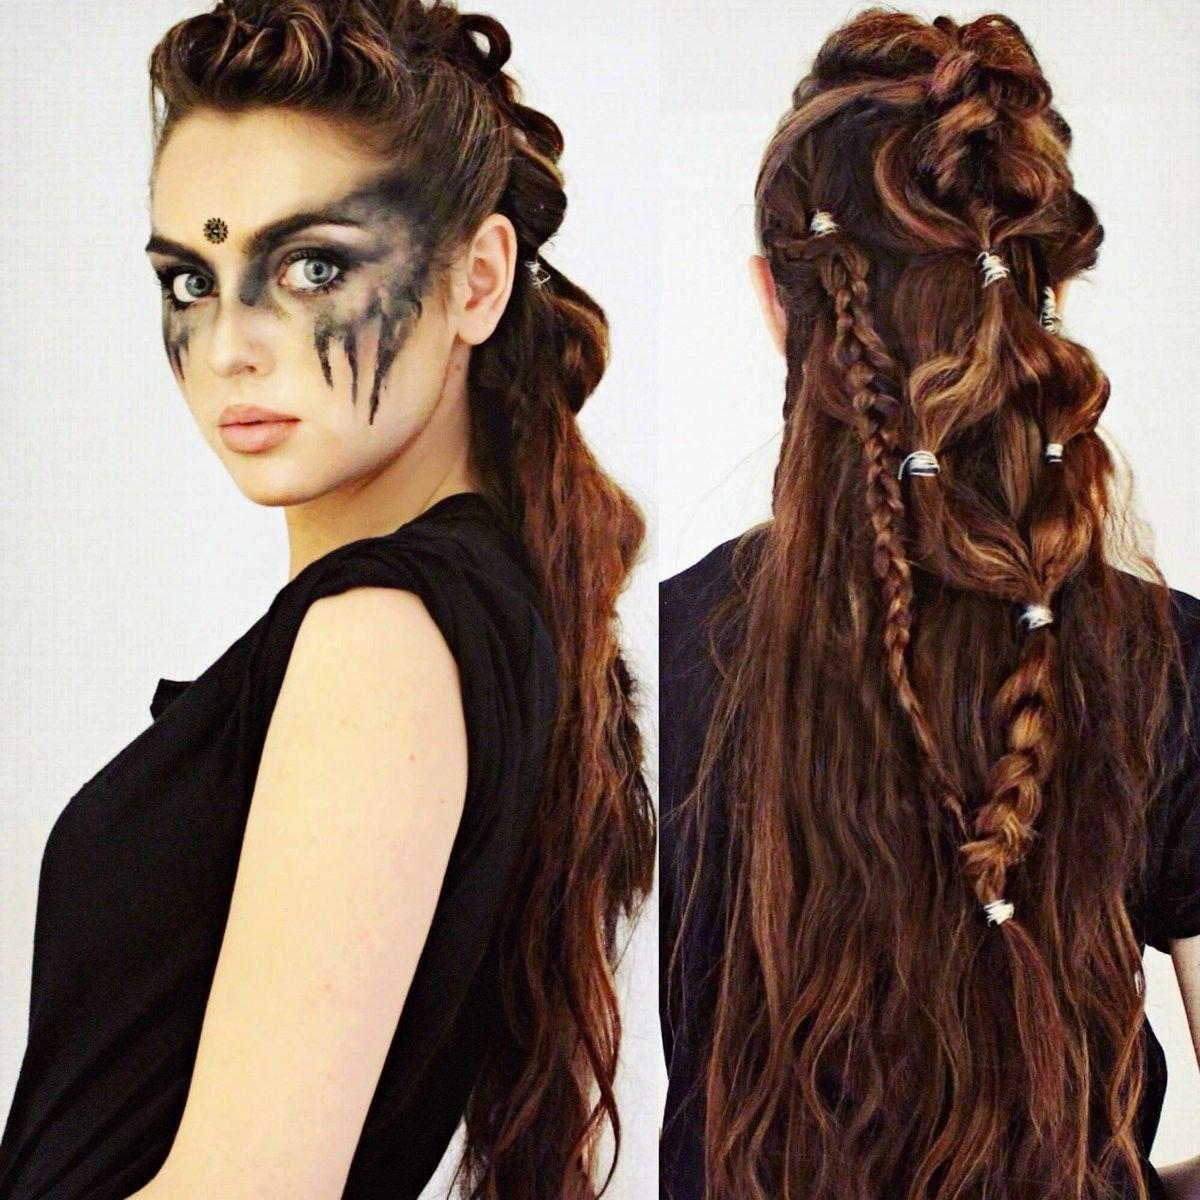 Warrior Hair And Make Up Wikingerfrau Alltagliche Frisuren Wikinger Frisuren